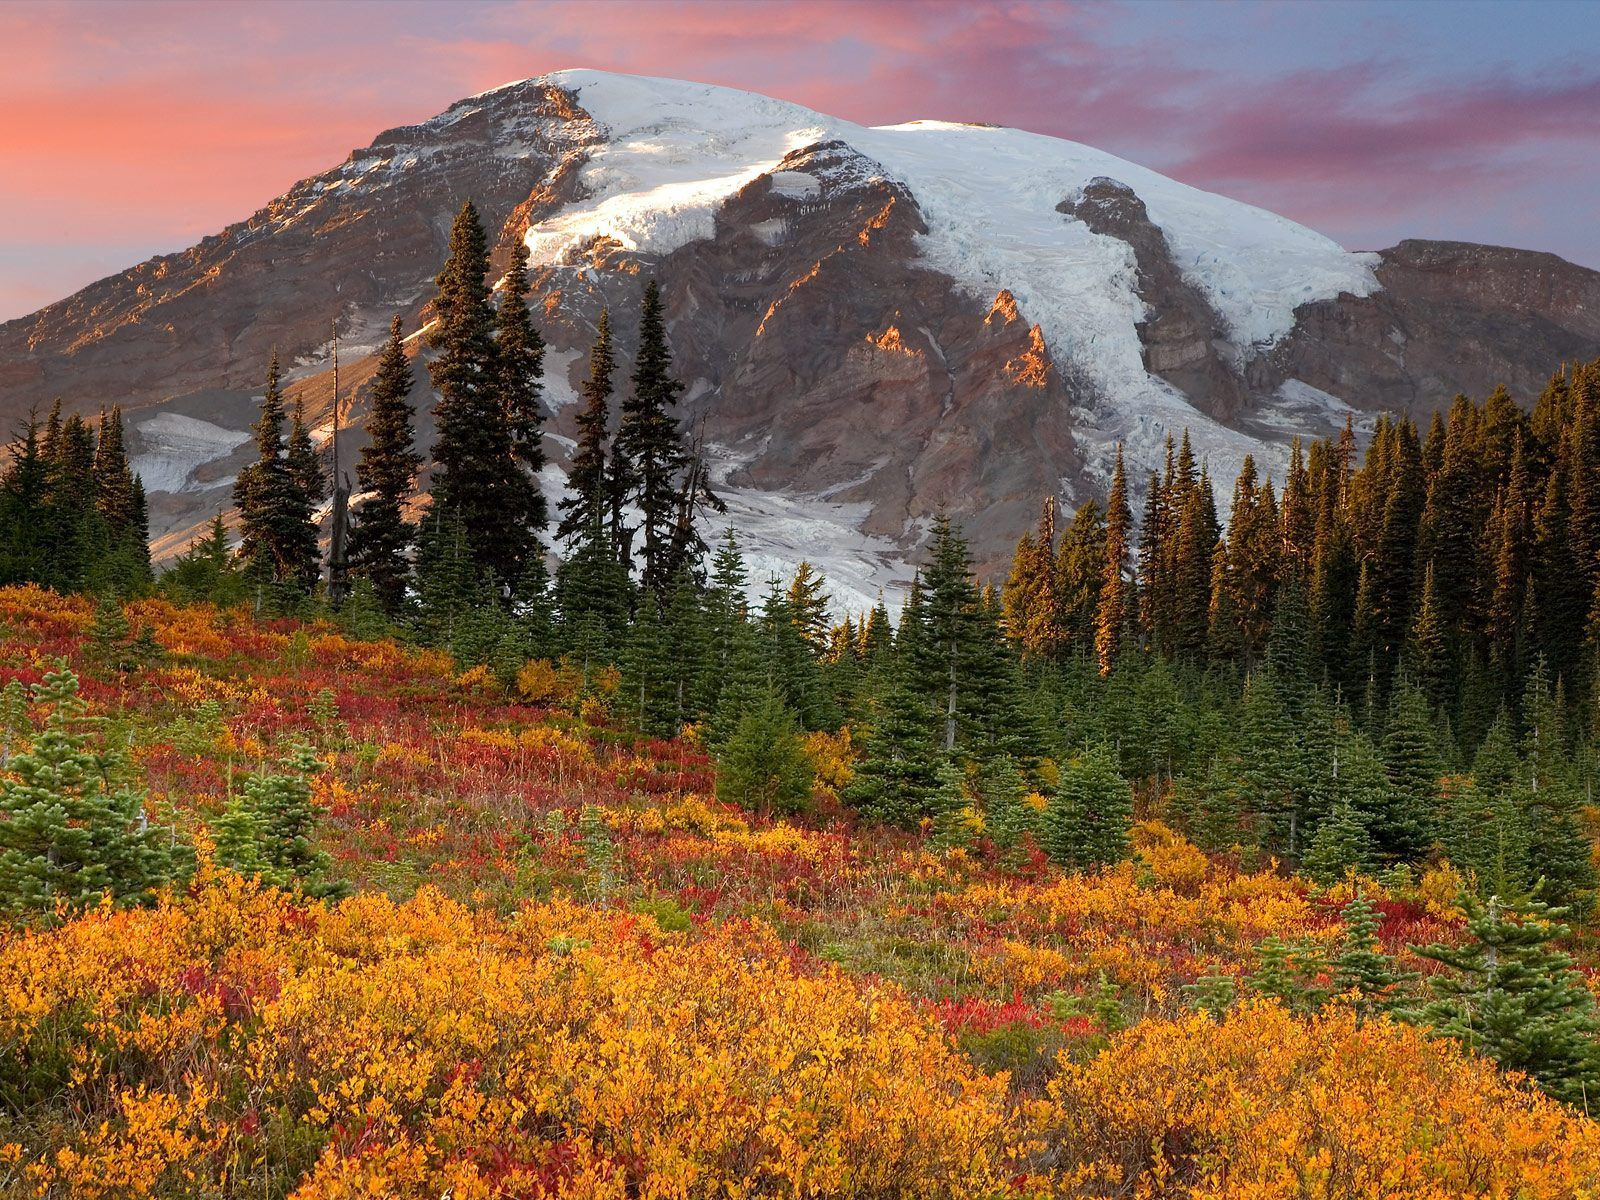 114088 обои 720x1520 на телефон бесплатно, скачать картинки Природа, Деревья, Горы, Осень, Снег, Вершина, Цвета, Зеленый, Желтый, Ели 720x1520 на мобильный